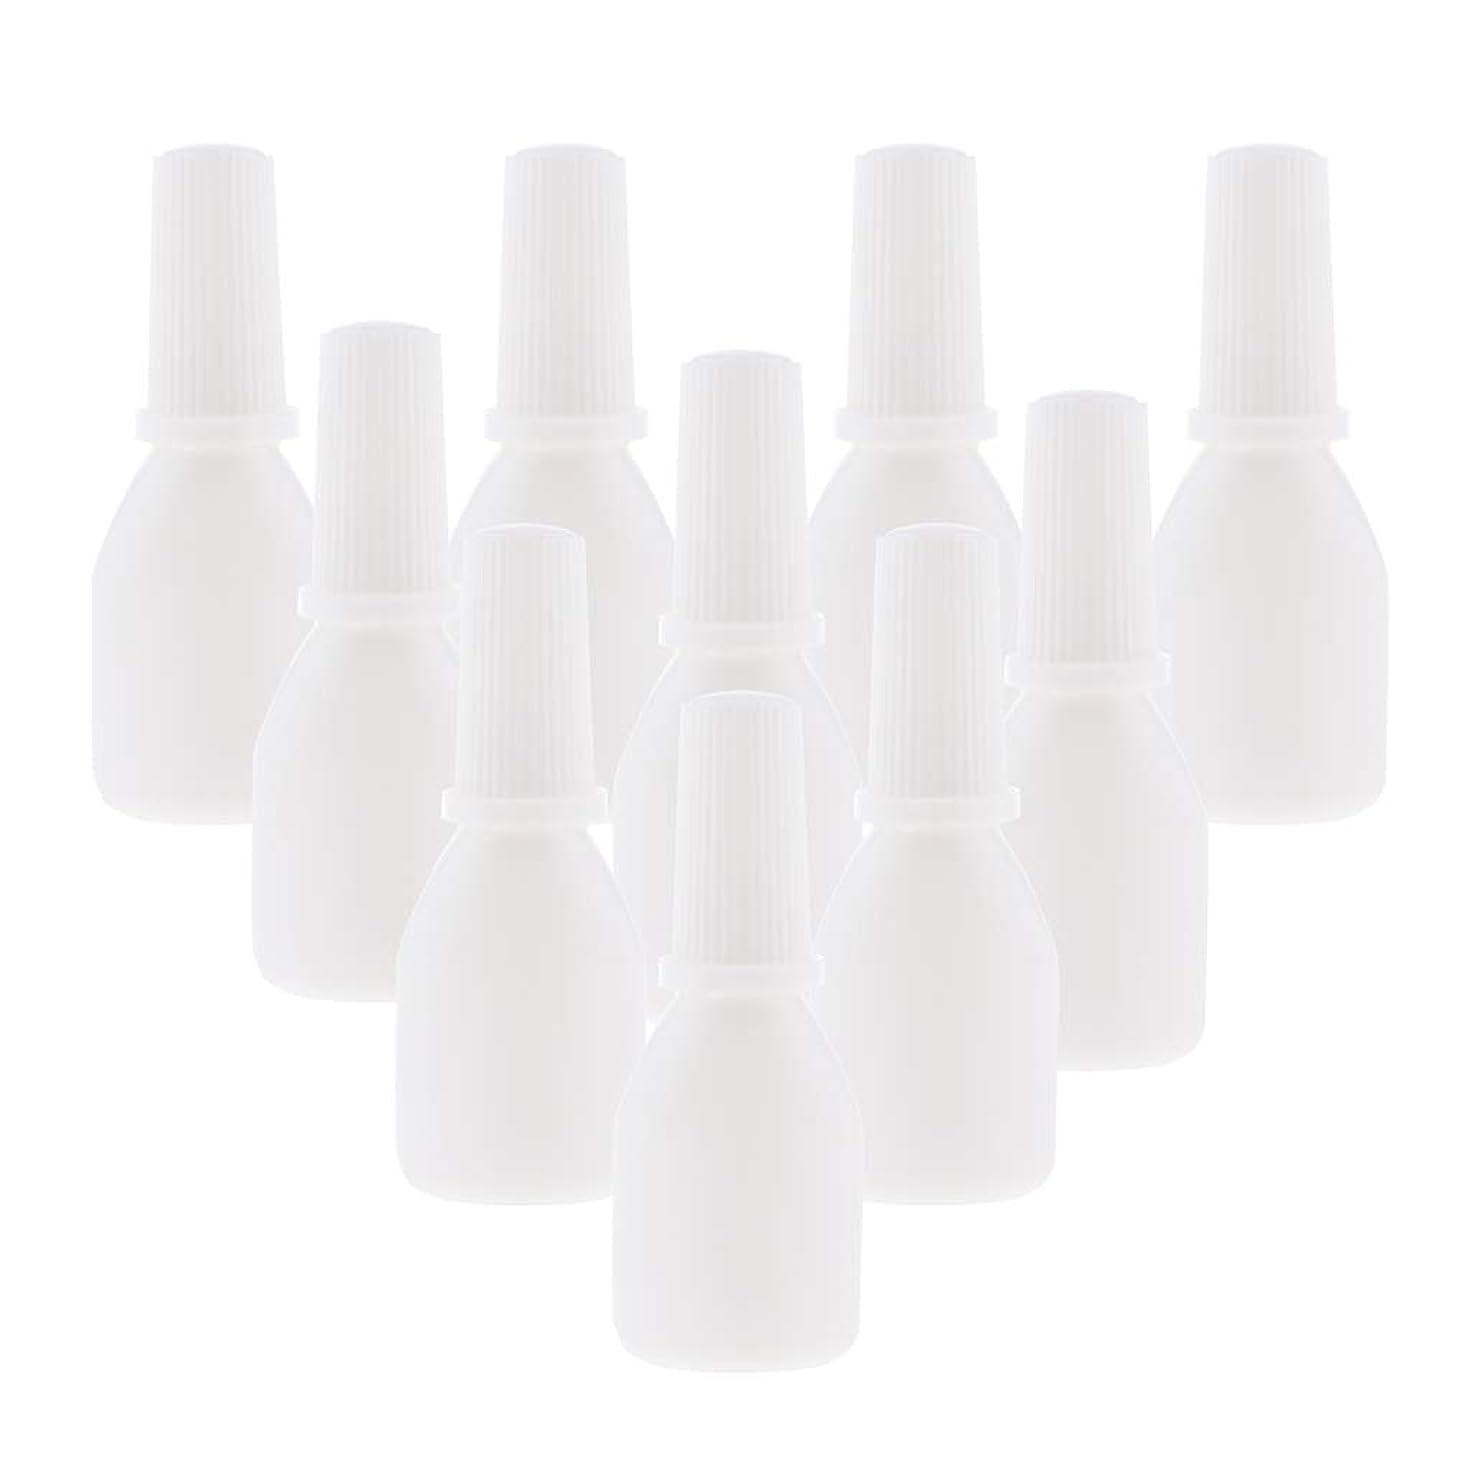 気まぐれな実際の気まぐれなPerfeclan 10個 スプレーボトル 空ボトル 詰め替え容器 小分け用 霧吹き ノズルチップ付 旅行用容器 20g